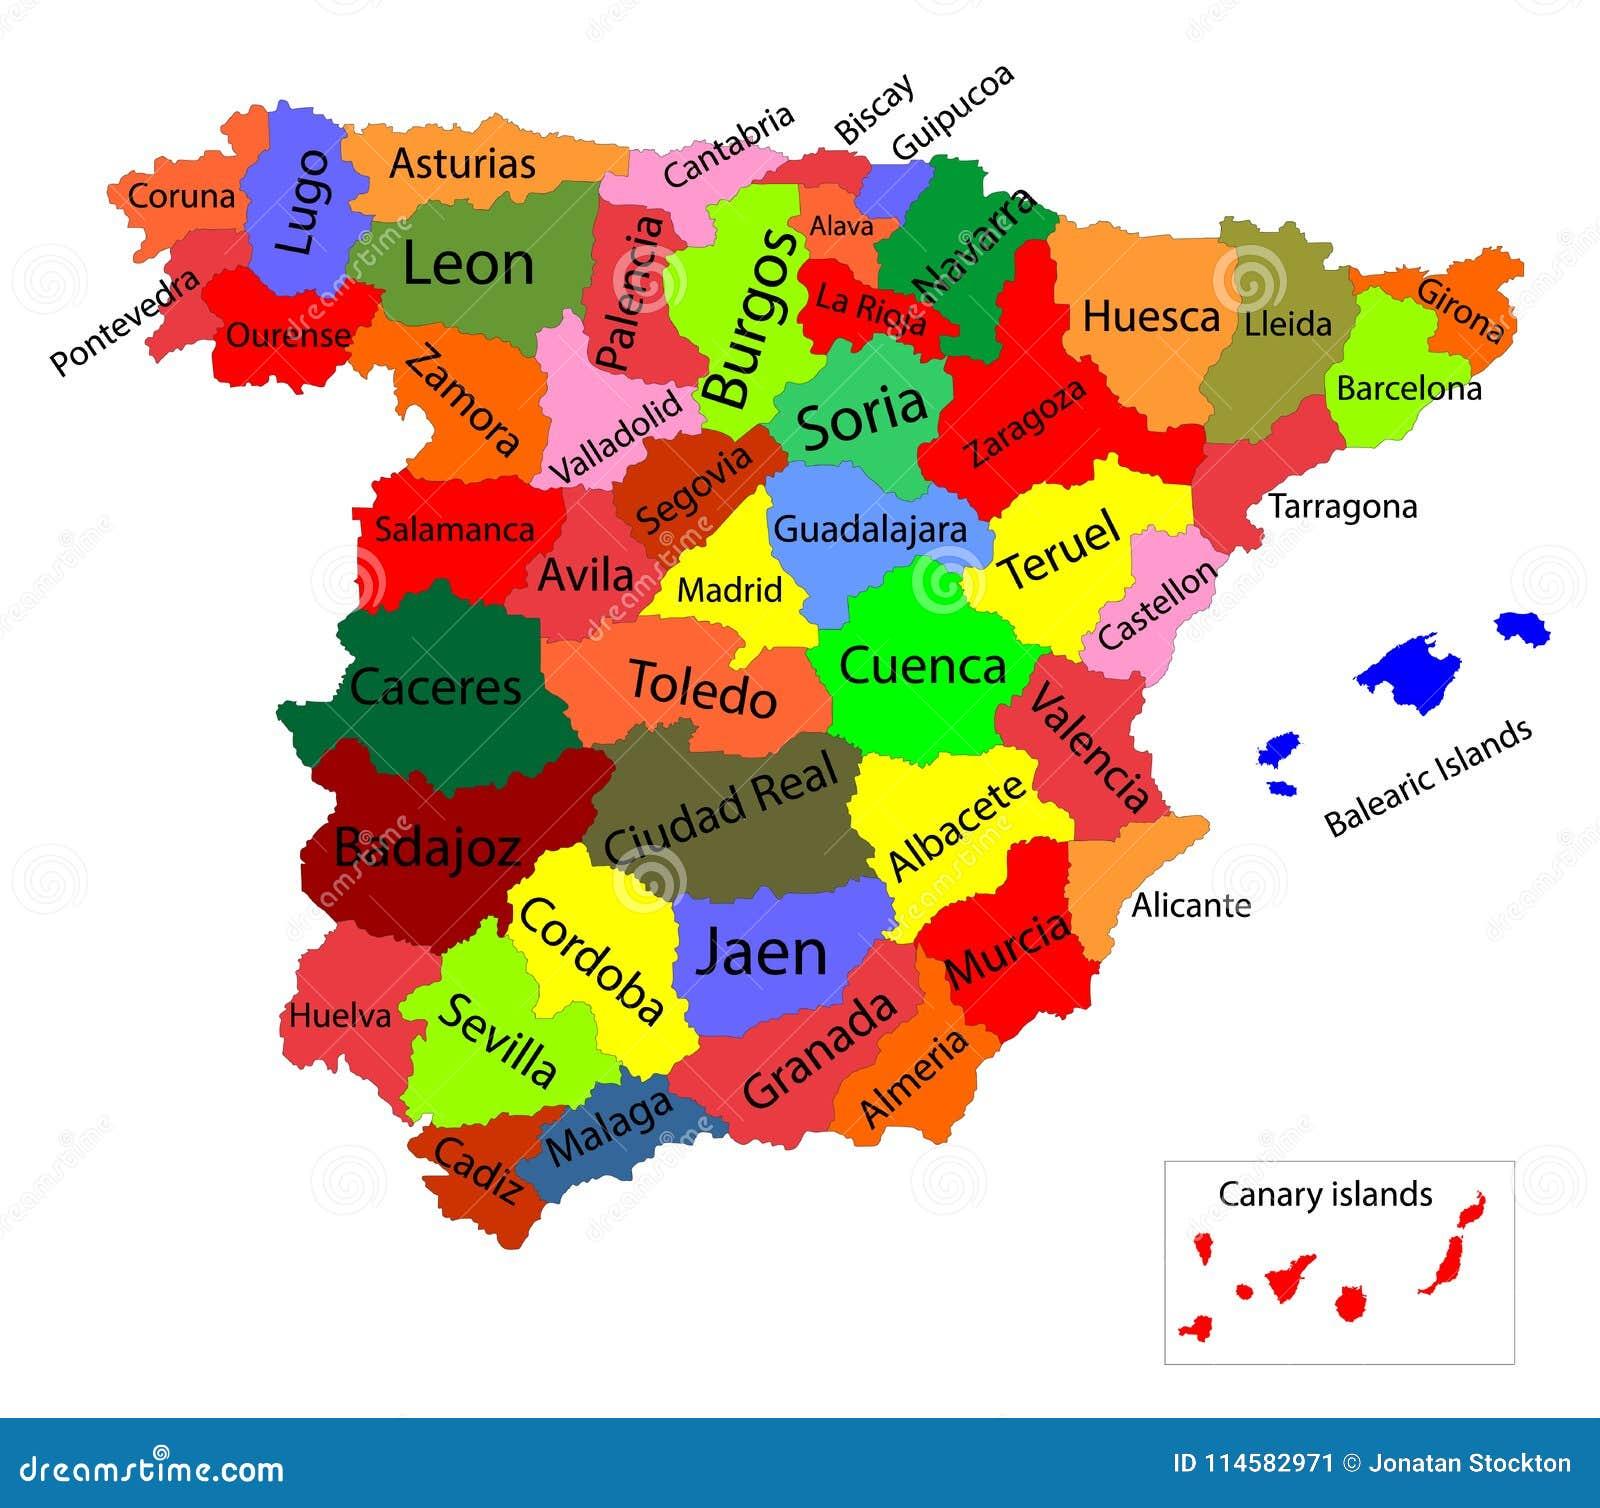 Editable Krasochnaya Karta Ispanii Avtonomnye Obshiny Ispaniya